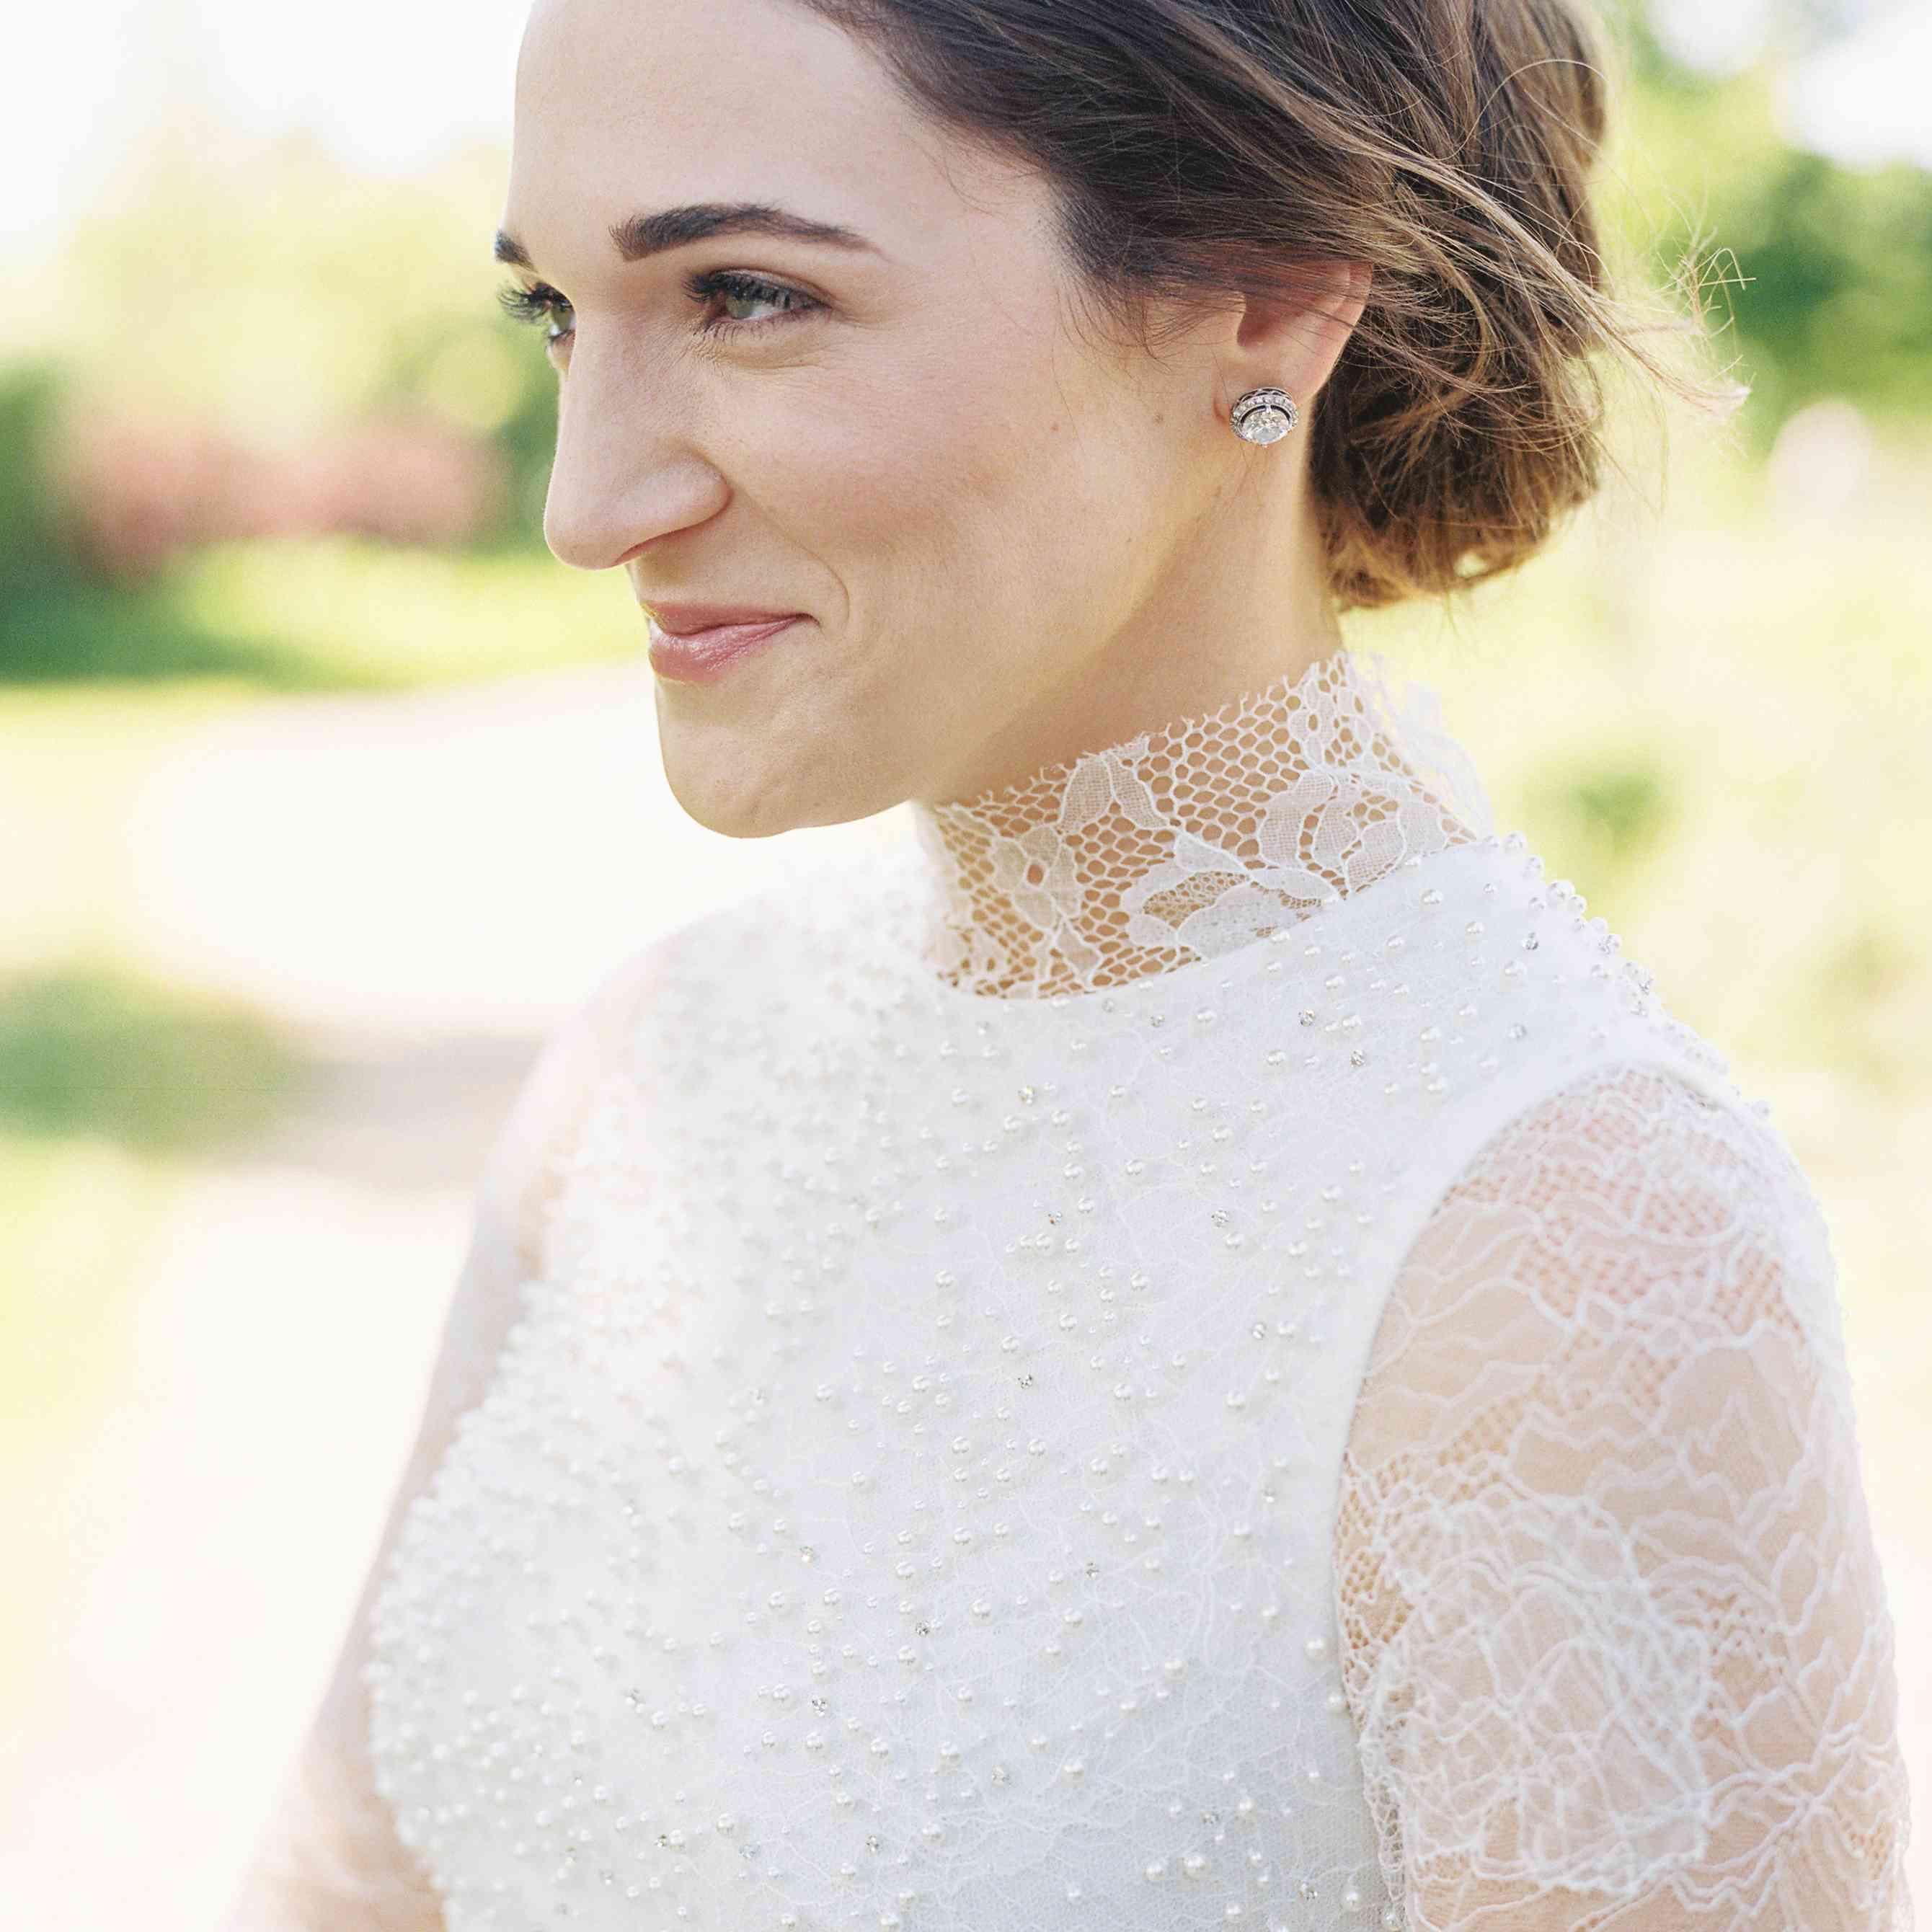 <p>Close-up of bride</p><br><br>